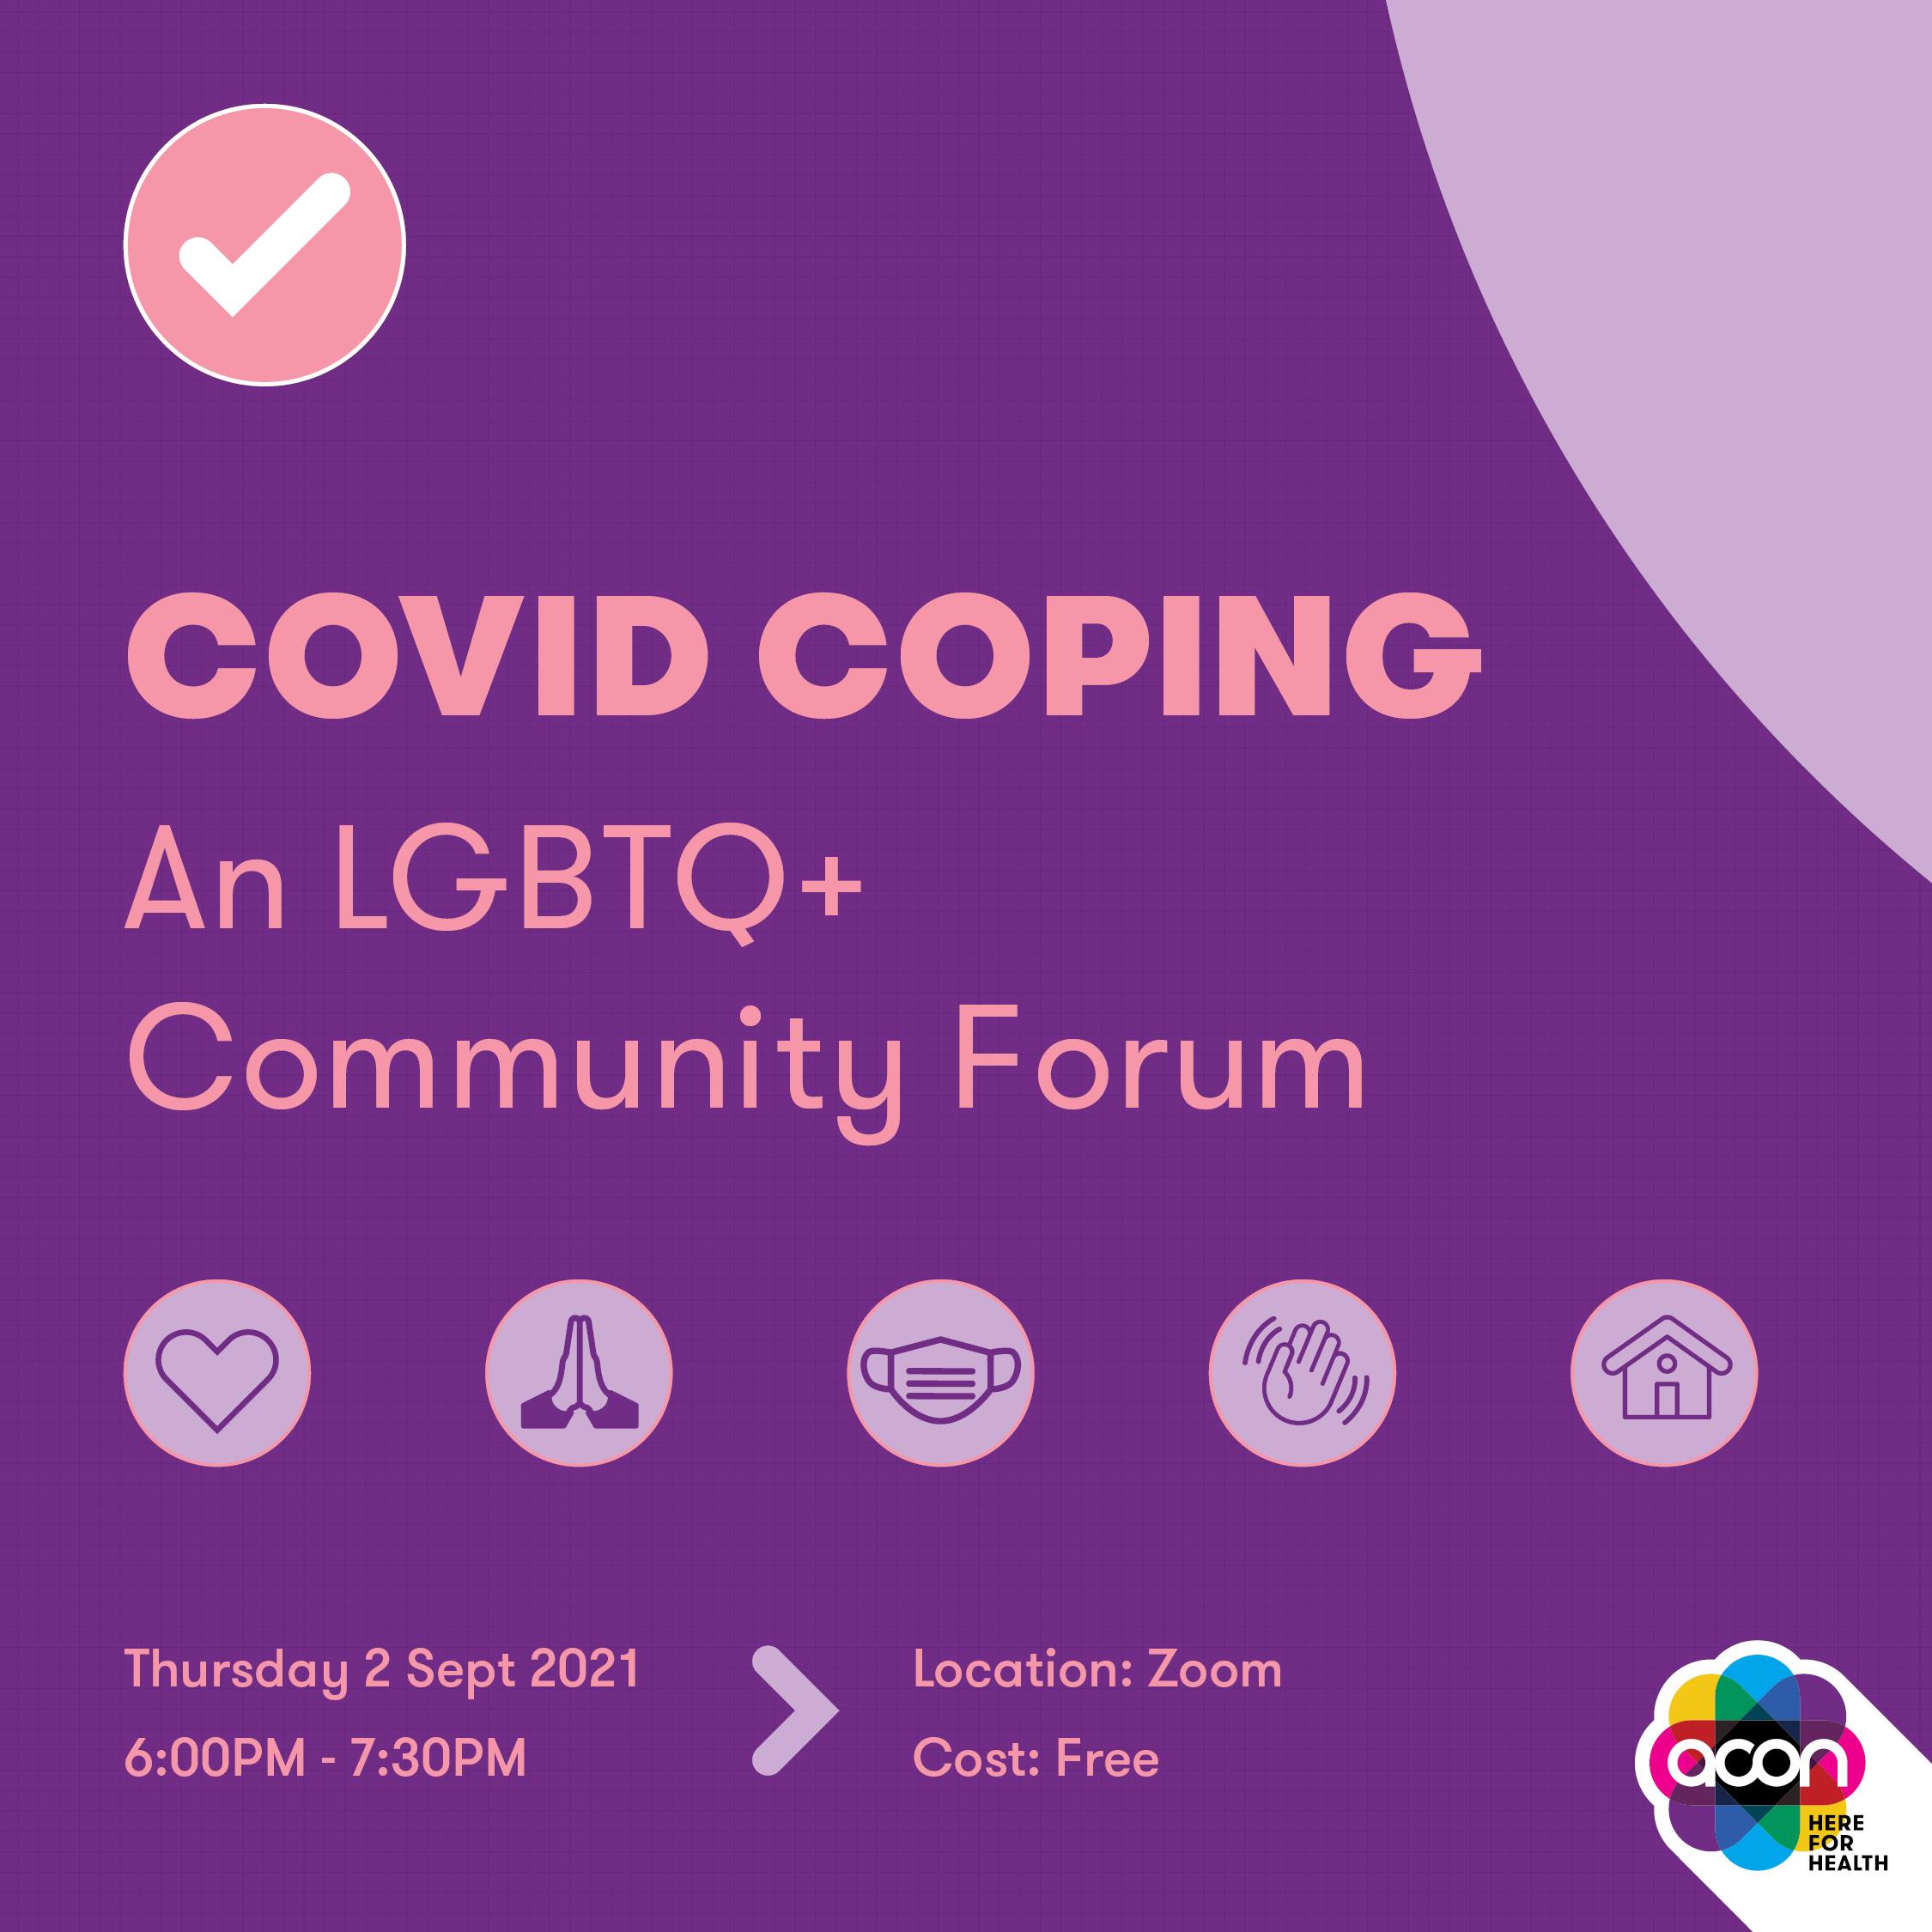 Covid Coping Forum